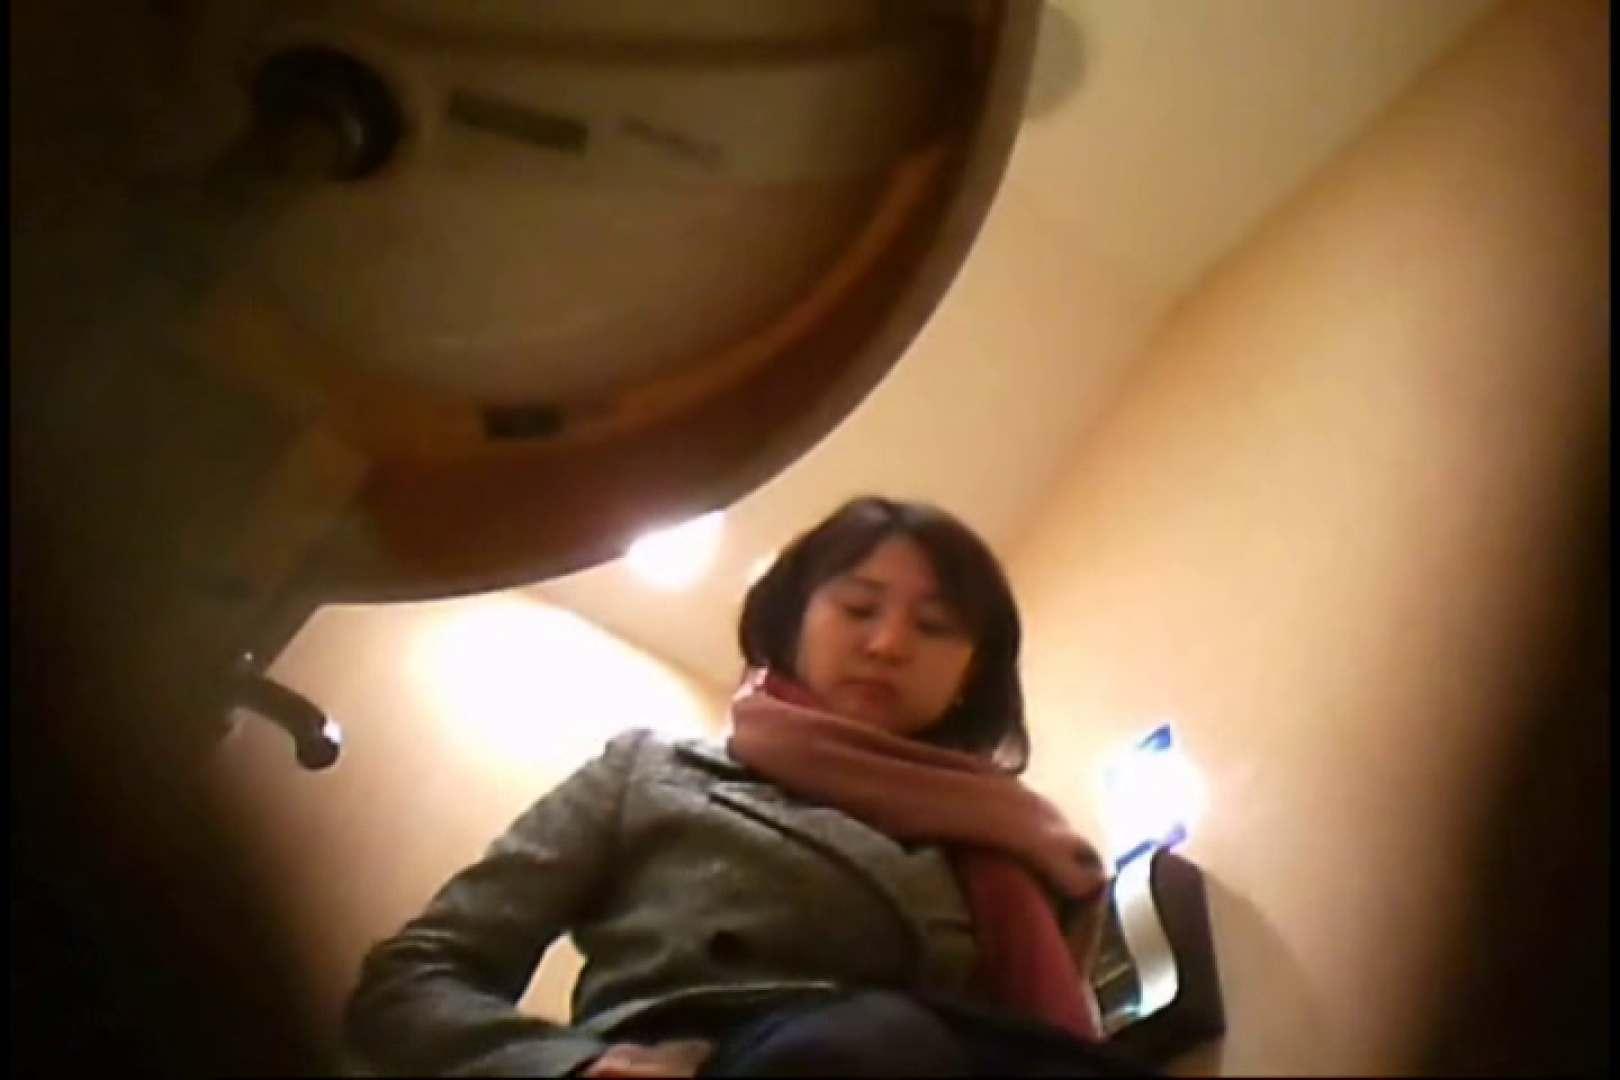 画質向上!新亀さん厠 vol.01 オマンコ 戯れ無修正画像 11pic 10